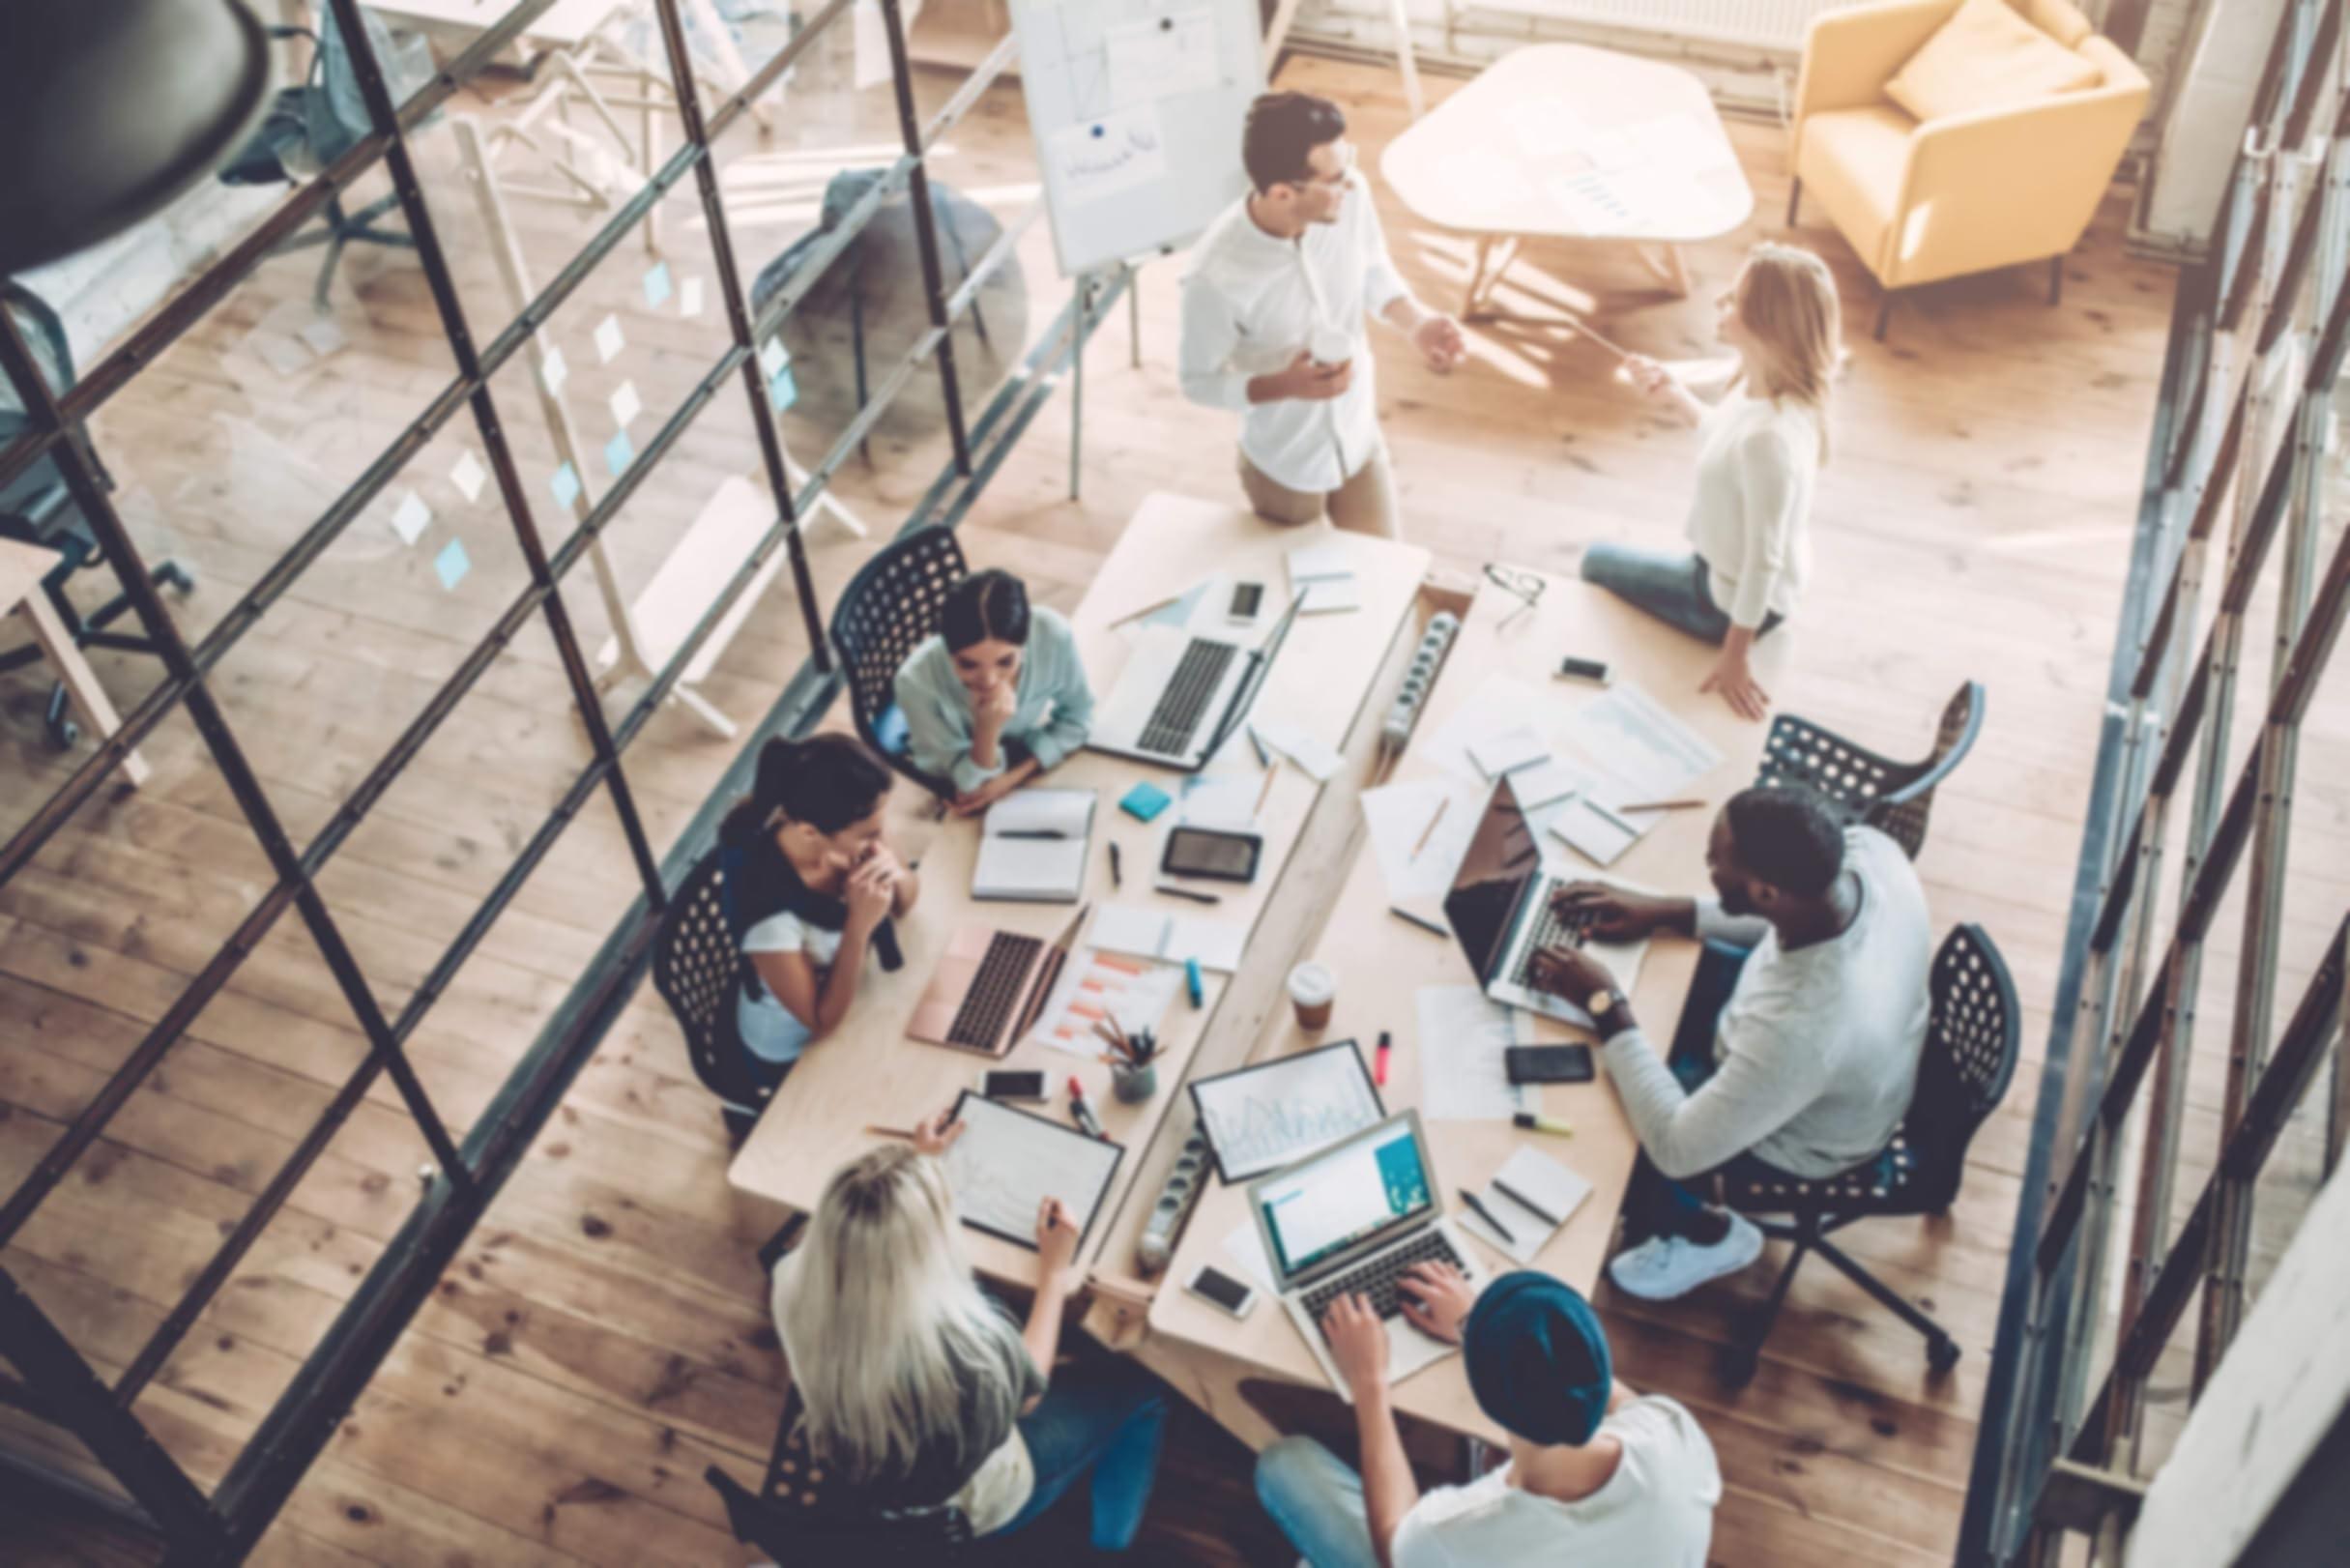 Cinco pessoas em um escritório sentadas em uma mesa com laptops colaborando no trabalho. Duas pessoas de pé perto da mesa conversando.